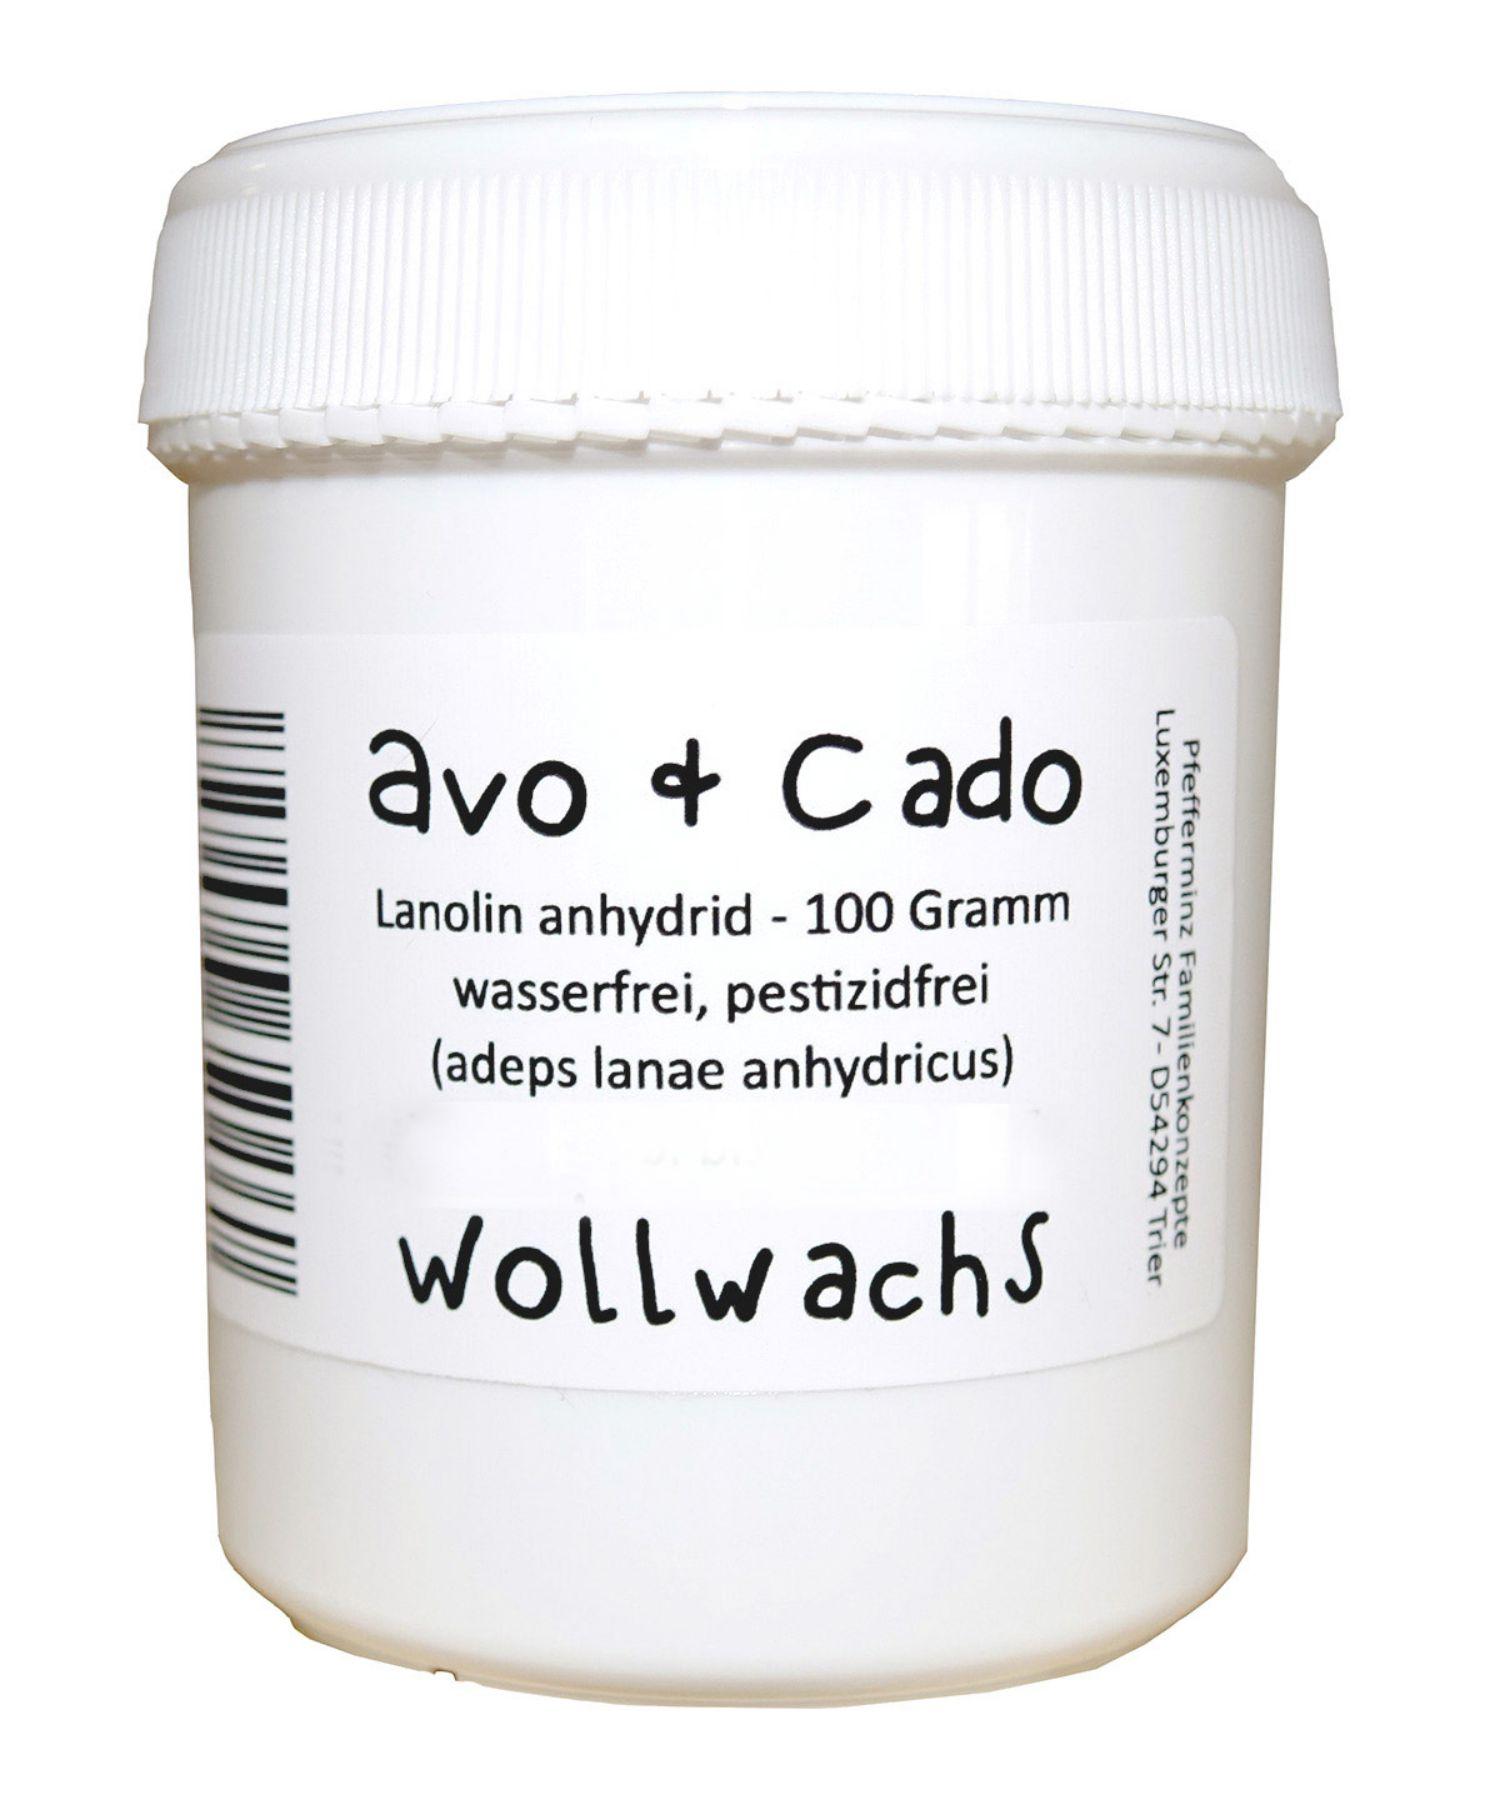 avo+cado Wollwachs